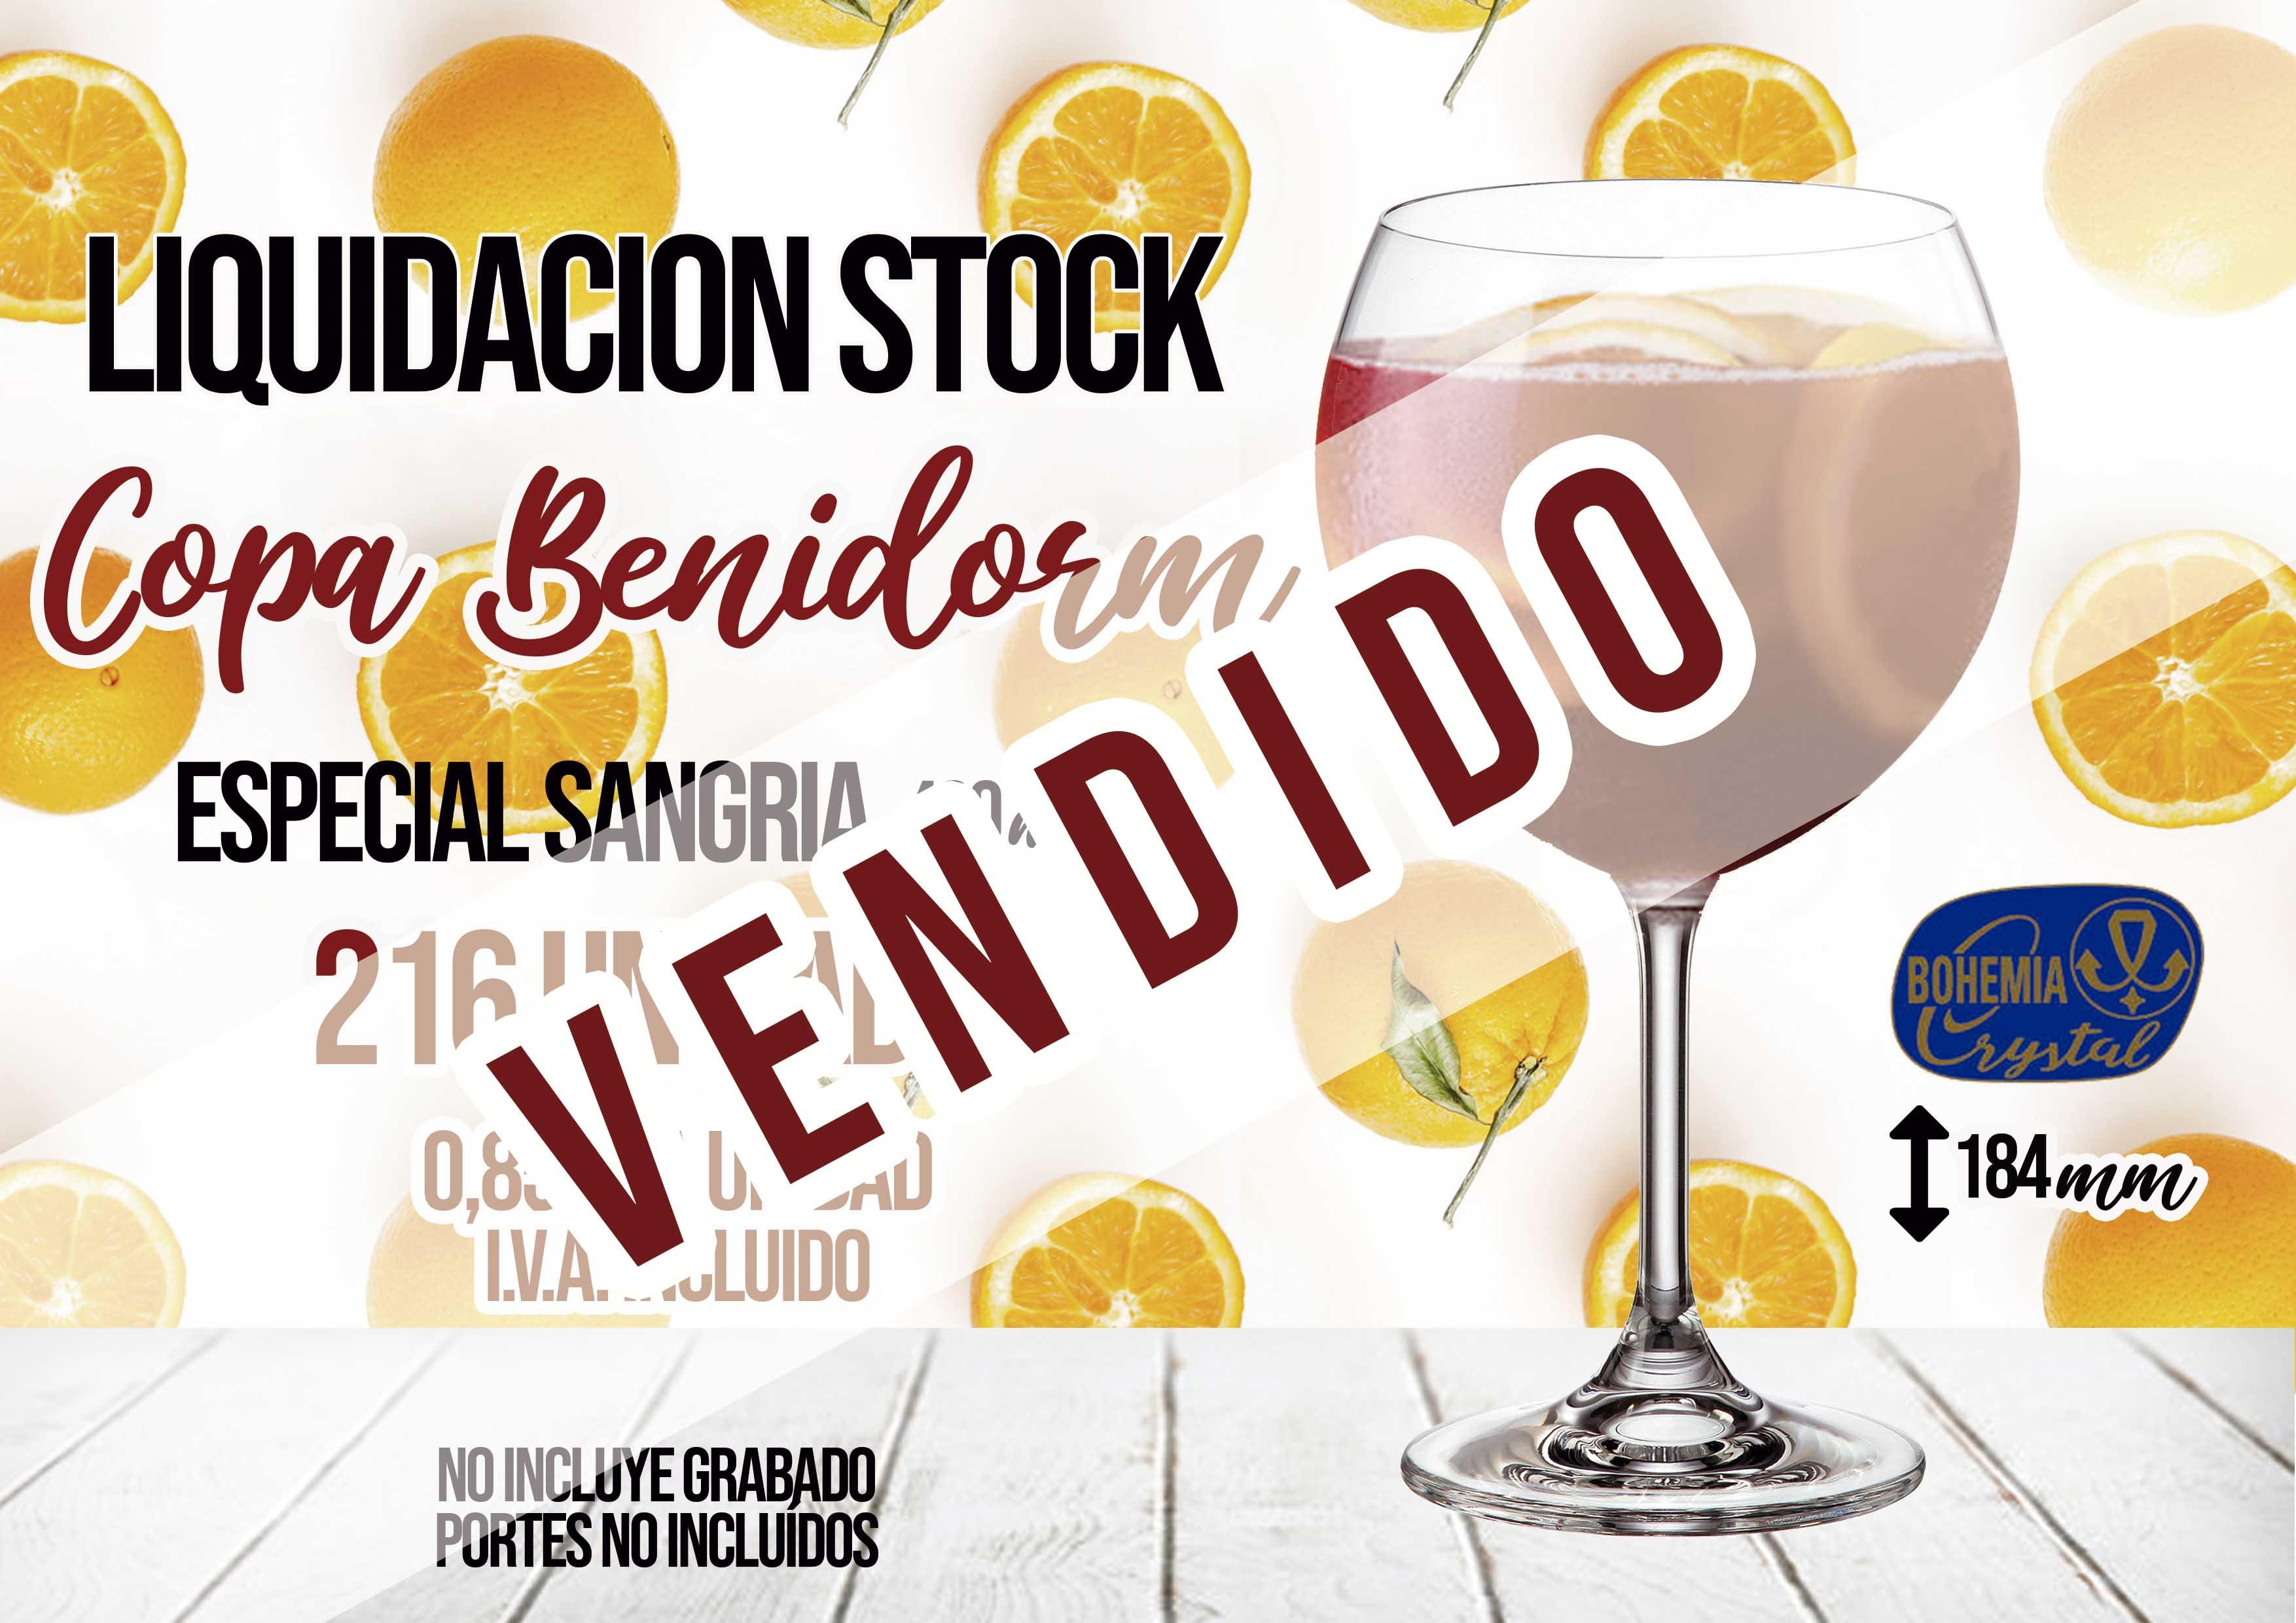 Copas Benidorm liquidacion stock copas baratas